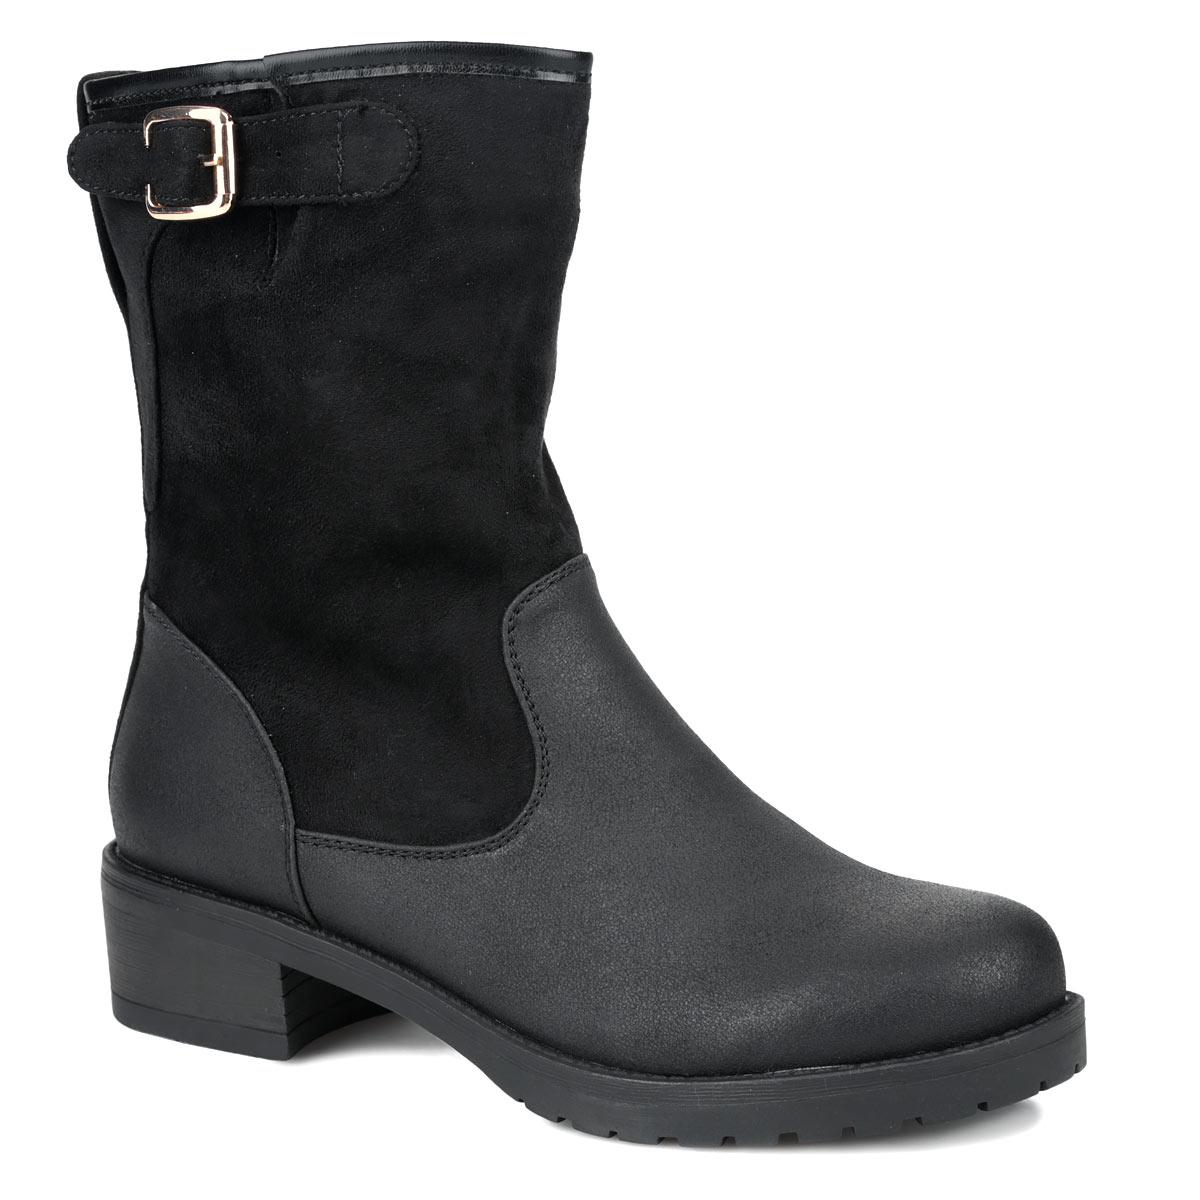 Ботинки женские. 42-HX-01 HX42-HX-01 HXОригинальные женские ботинки от Wilmar заинтересуют вас своим дизайном. Модель выполнена из искусственной кожи и искусственного спилока. Сбоку изделие оформлено вырезом и украшено декоративной пряжкой. Ботинки застегивается на боковую застежку-молнию. Подкладка и стелька из байки согреют ваши ноги в холодную погоду. Каблук умеренной высоты обеспечит модели устойчивость. Подошва с рифлением защищают изделие от скольжения. Эффектные ботинки подчеркнут ваш стиль и яркую индивидуальность. В них вы всегда будете чувствовать себя уютно и комфортно!